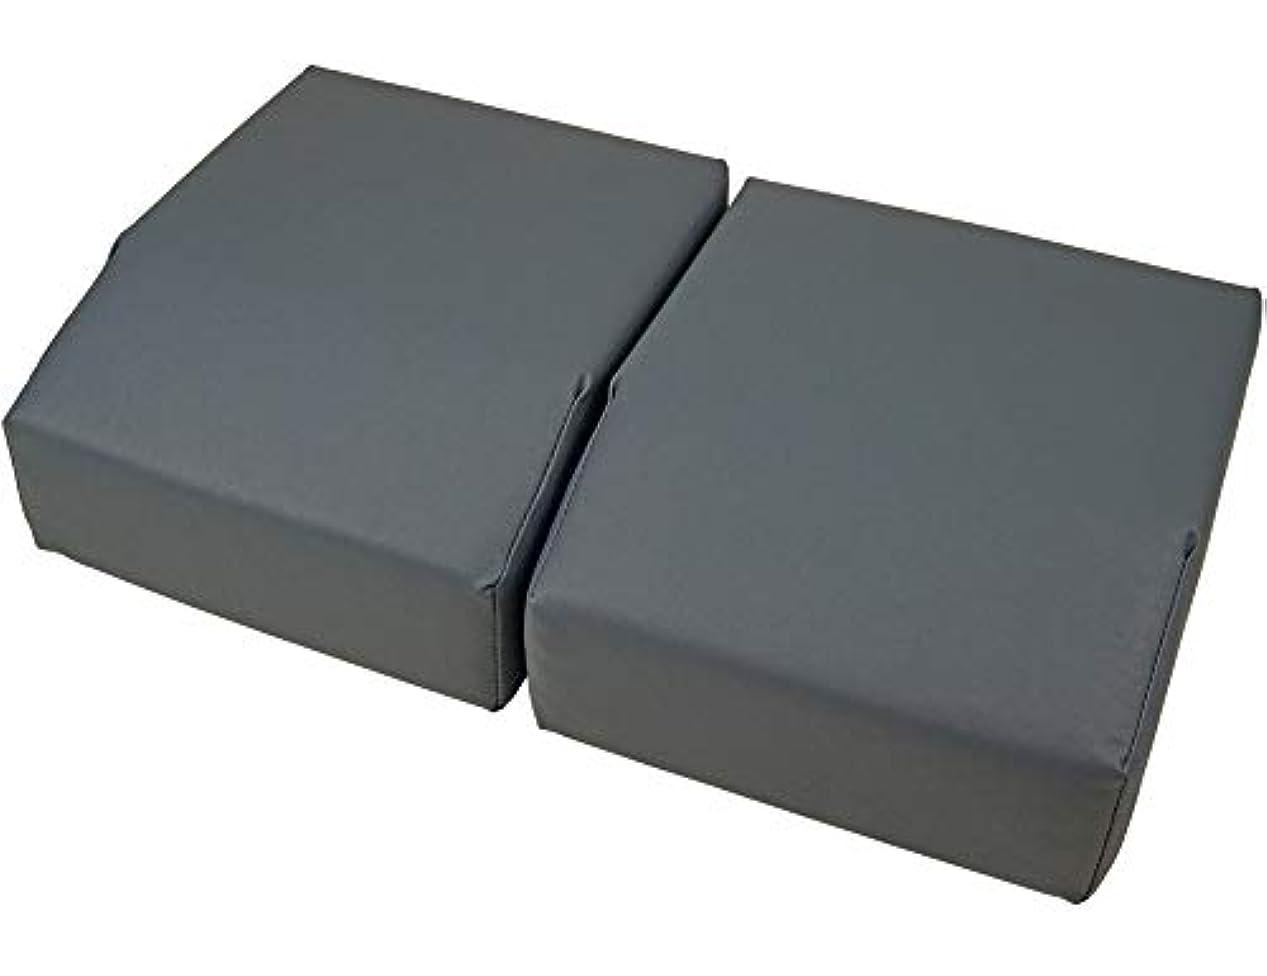 暗殺する香水コントラスト足置きクッションボディークッション 用 オプション 足置き クッション ベルクロ で連結が可能